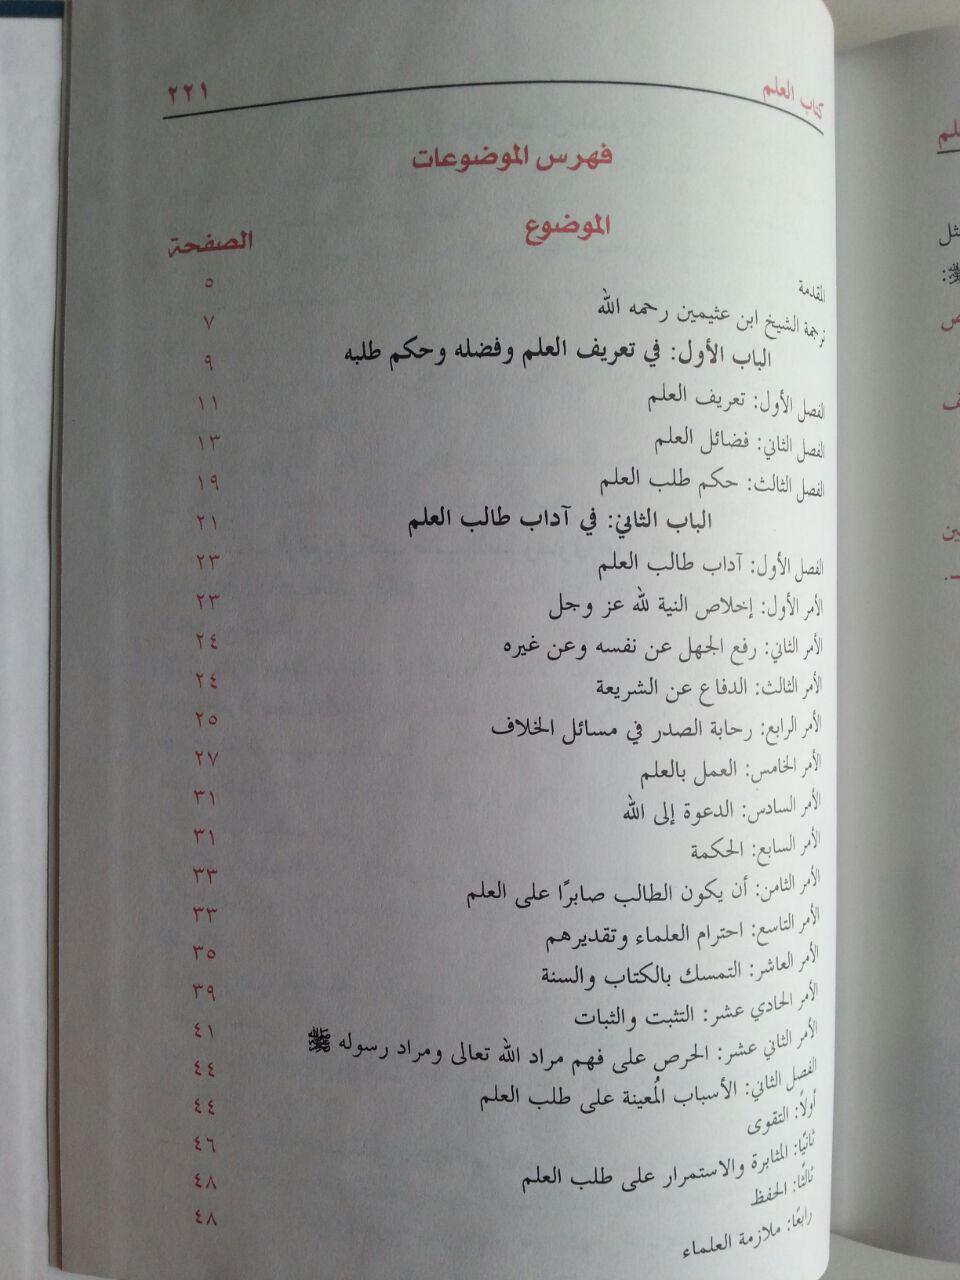 Kitab Kitabul Ilmi Syaikh Utsaimin isi